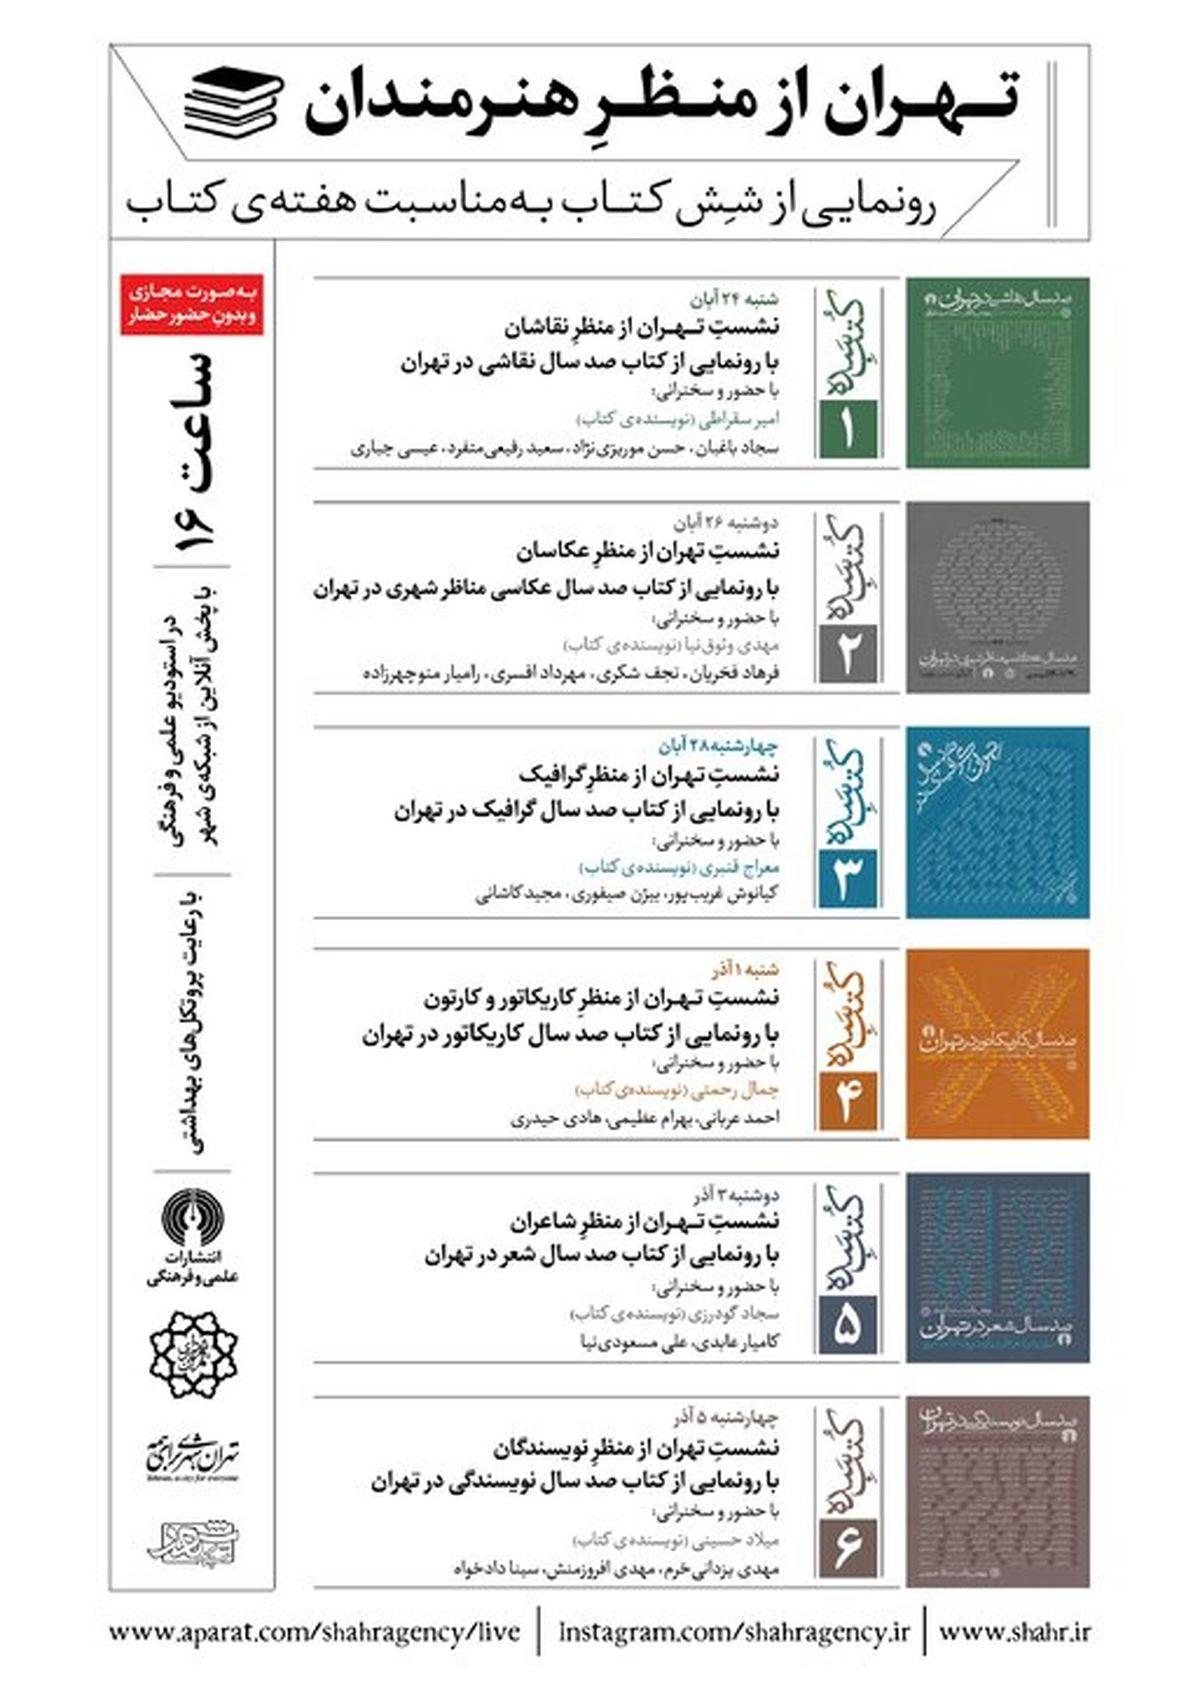 نشست و رونمایی مجموعه «تهران از منظر هنرمندان»